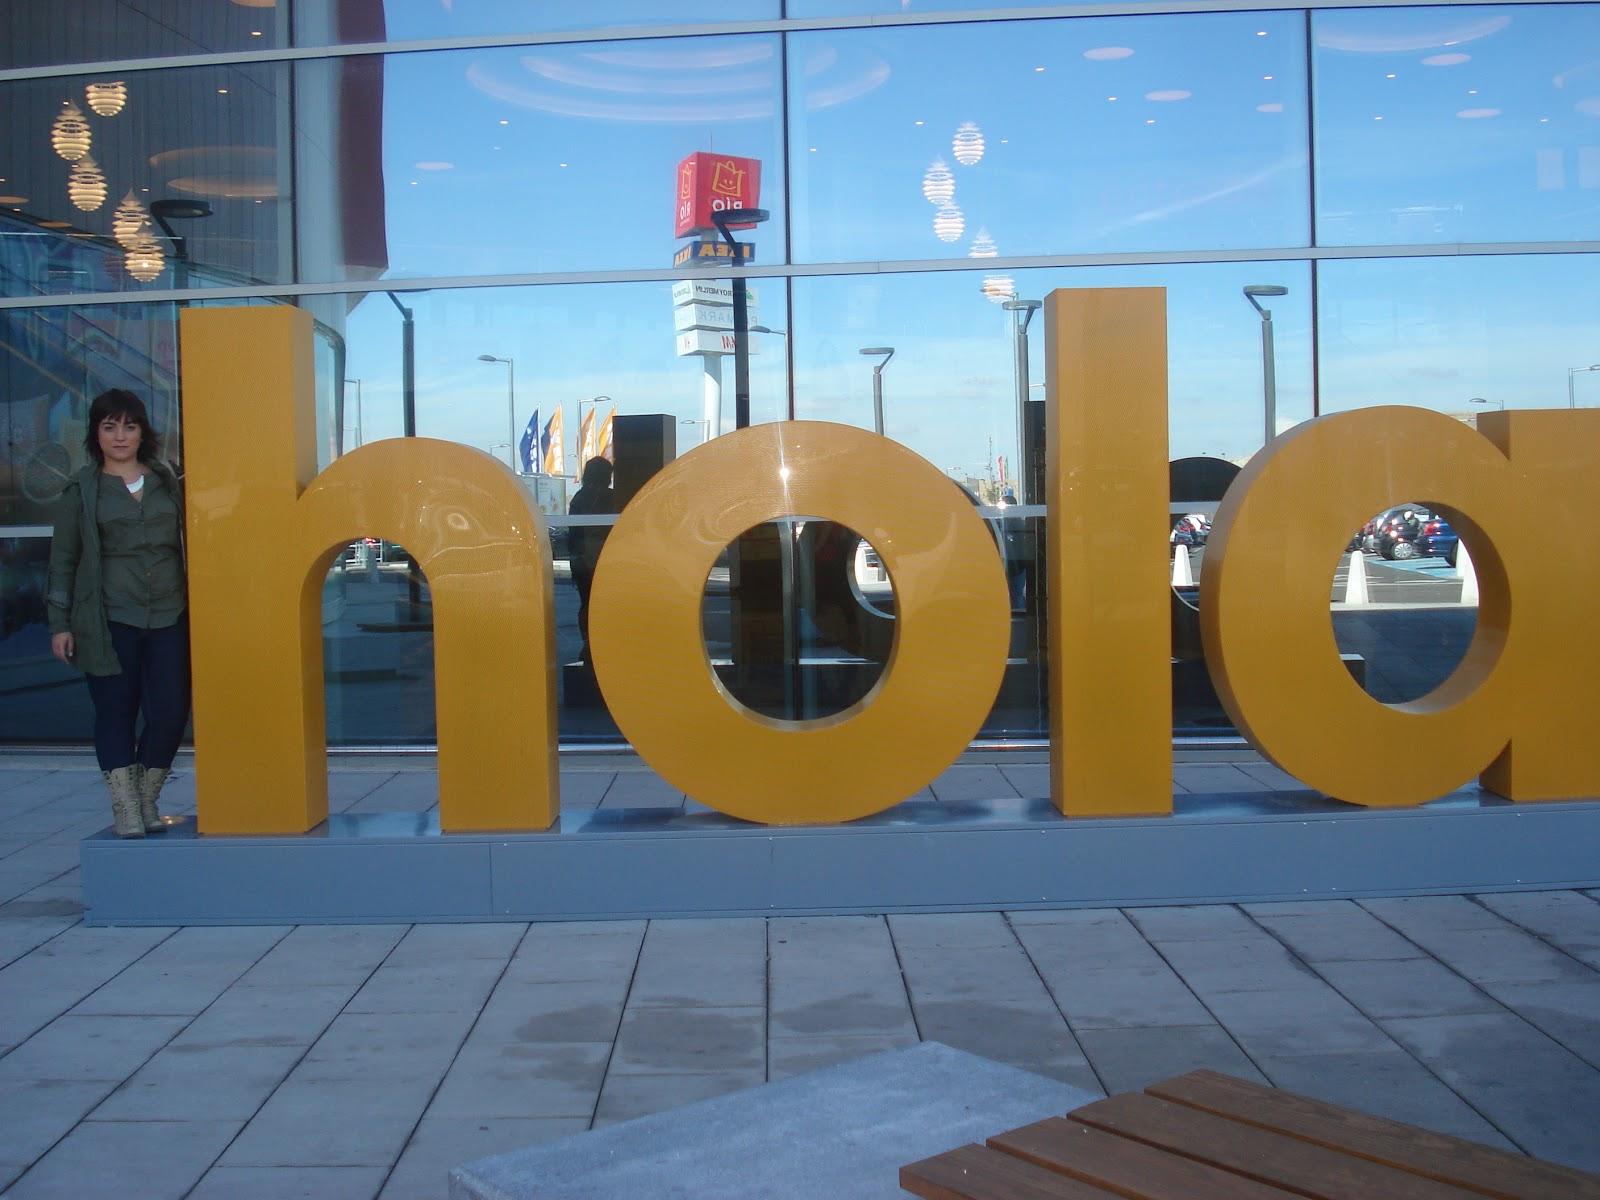 Rio shopping valladolid tiendas free a la llegada al for Autobus rio shopping valladolid